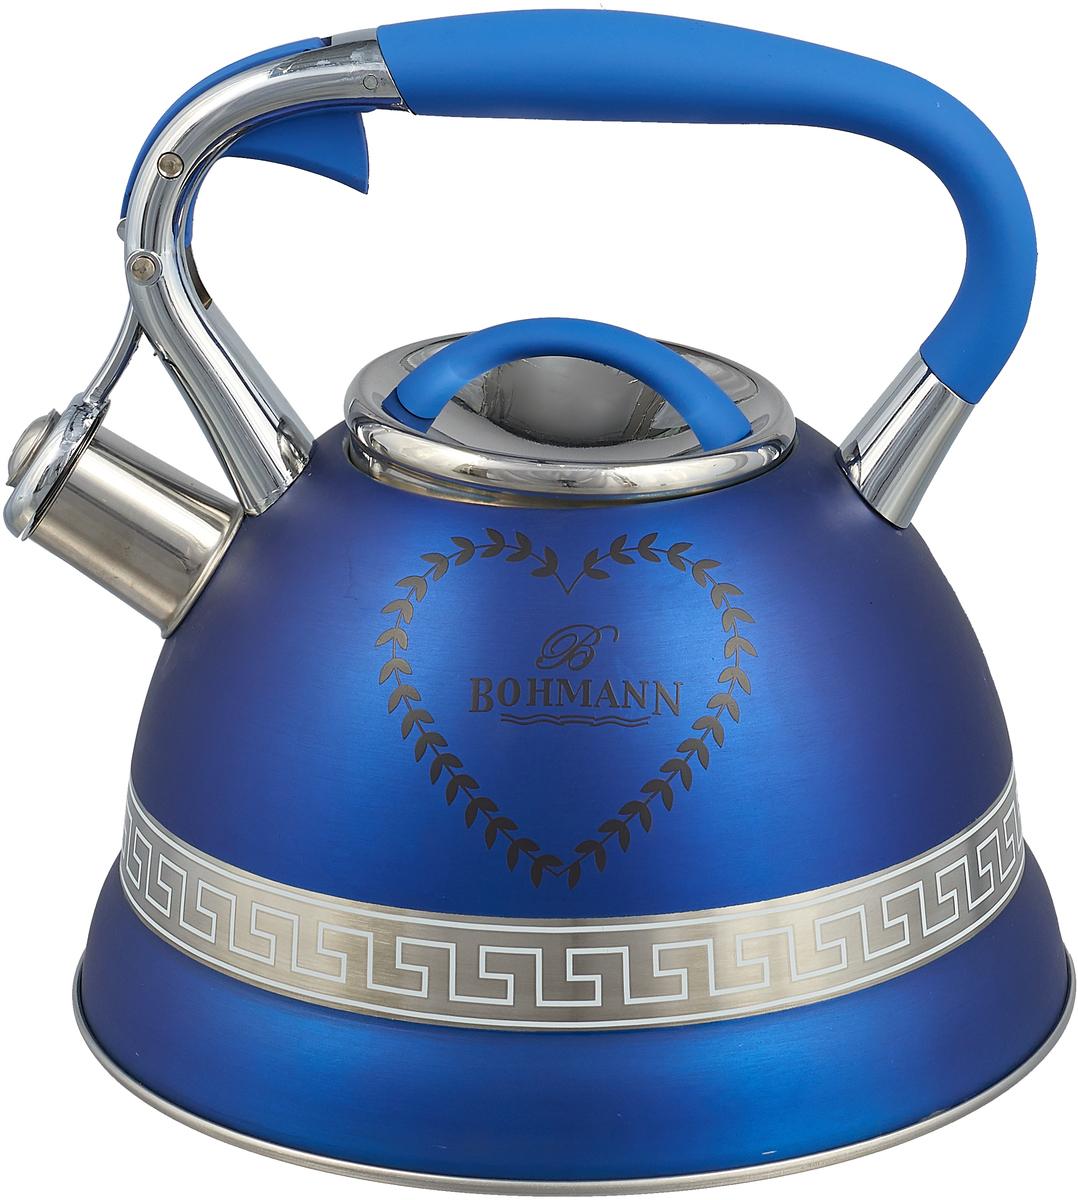 Чайник Bohmann, цвет: синий, 3 л. 9911BH чайник 1 3 л птицы santafe чайник 1 3 л птицы